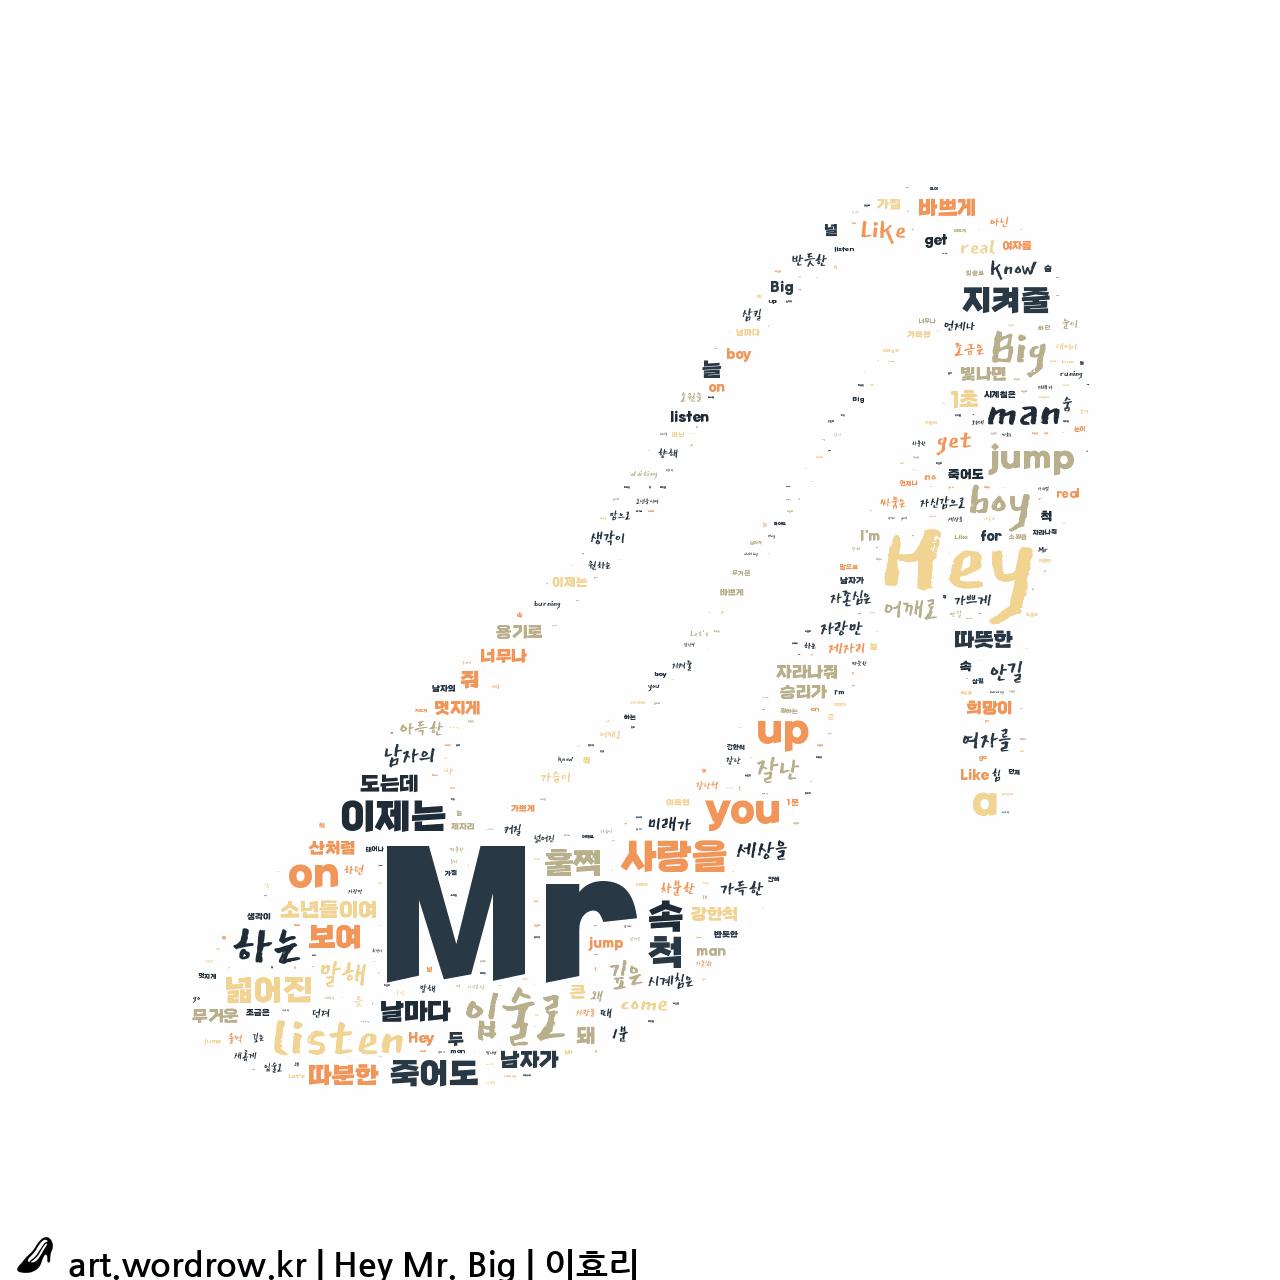 워드 아트: Hey Mr. Big [이효리]-19